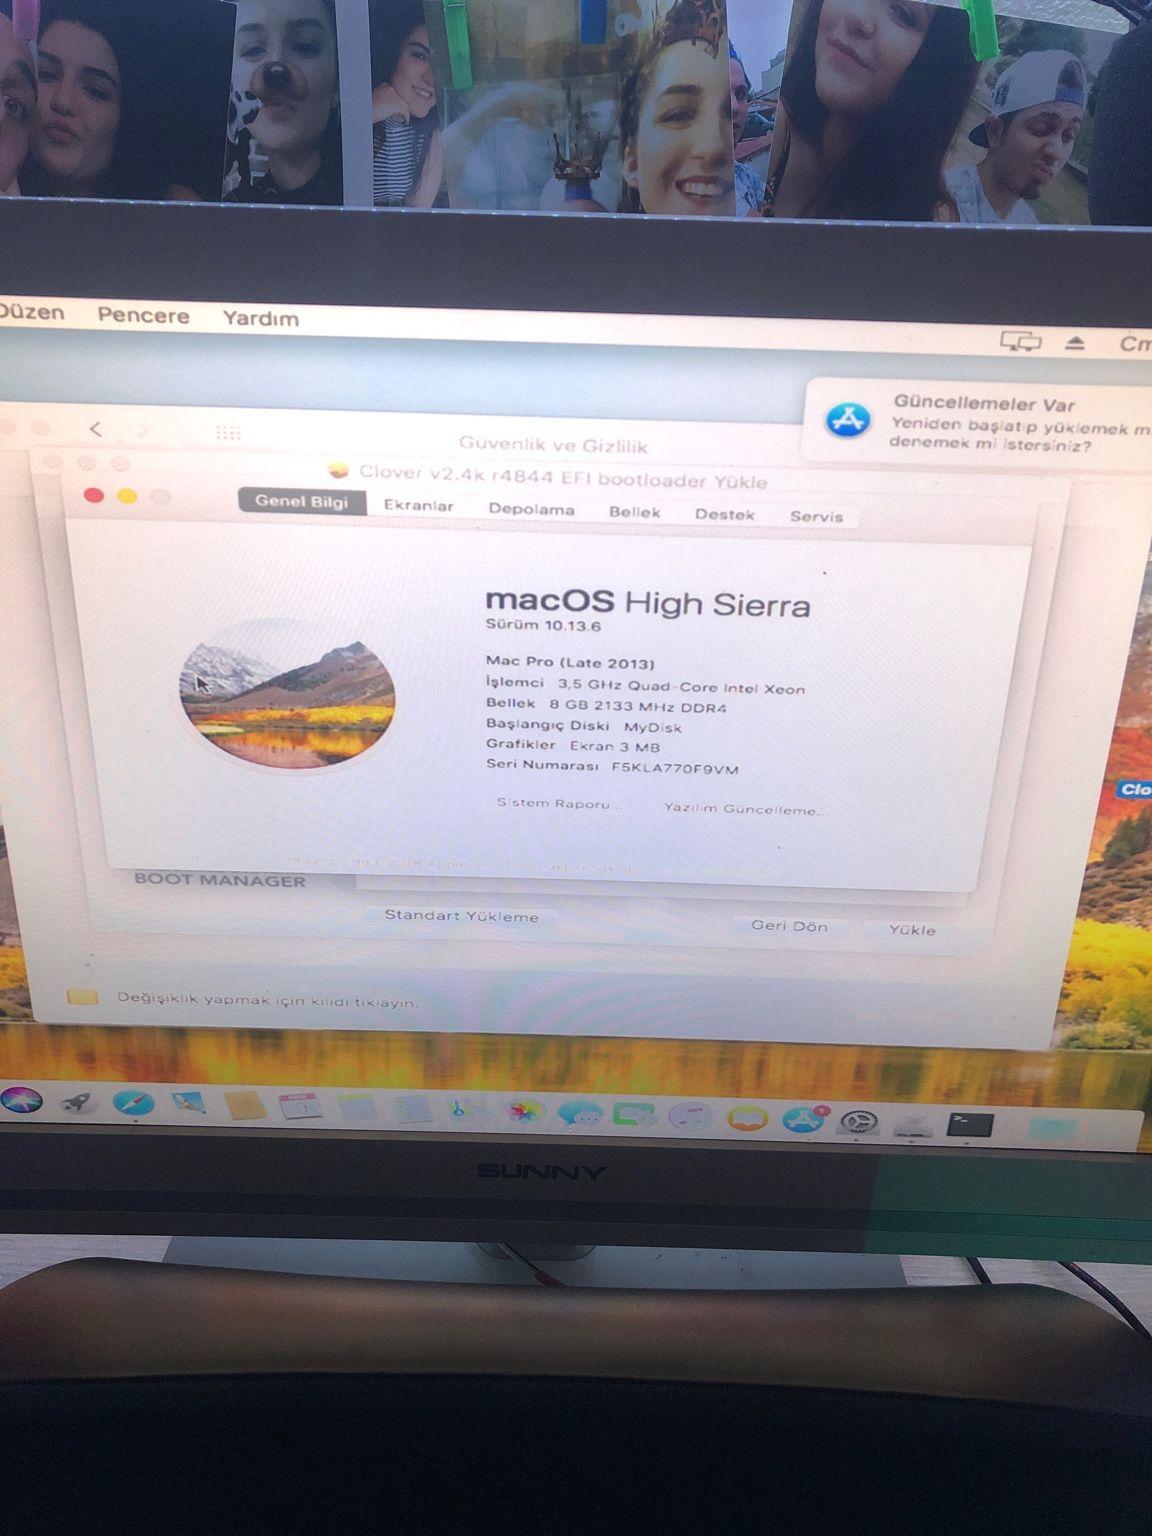 Çözüldü] AMD Tabanlı Sistem macOS Kurulum Sorunu - Technopat Sosyal